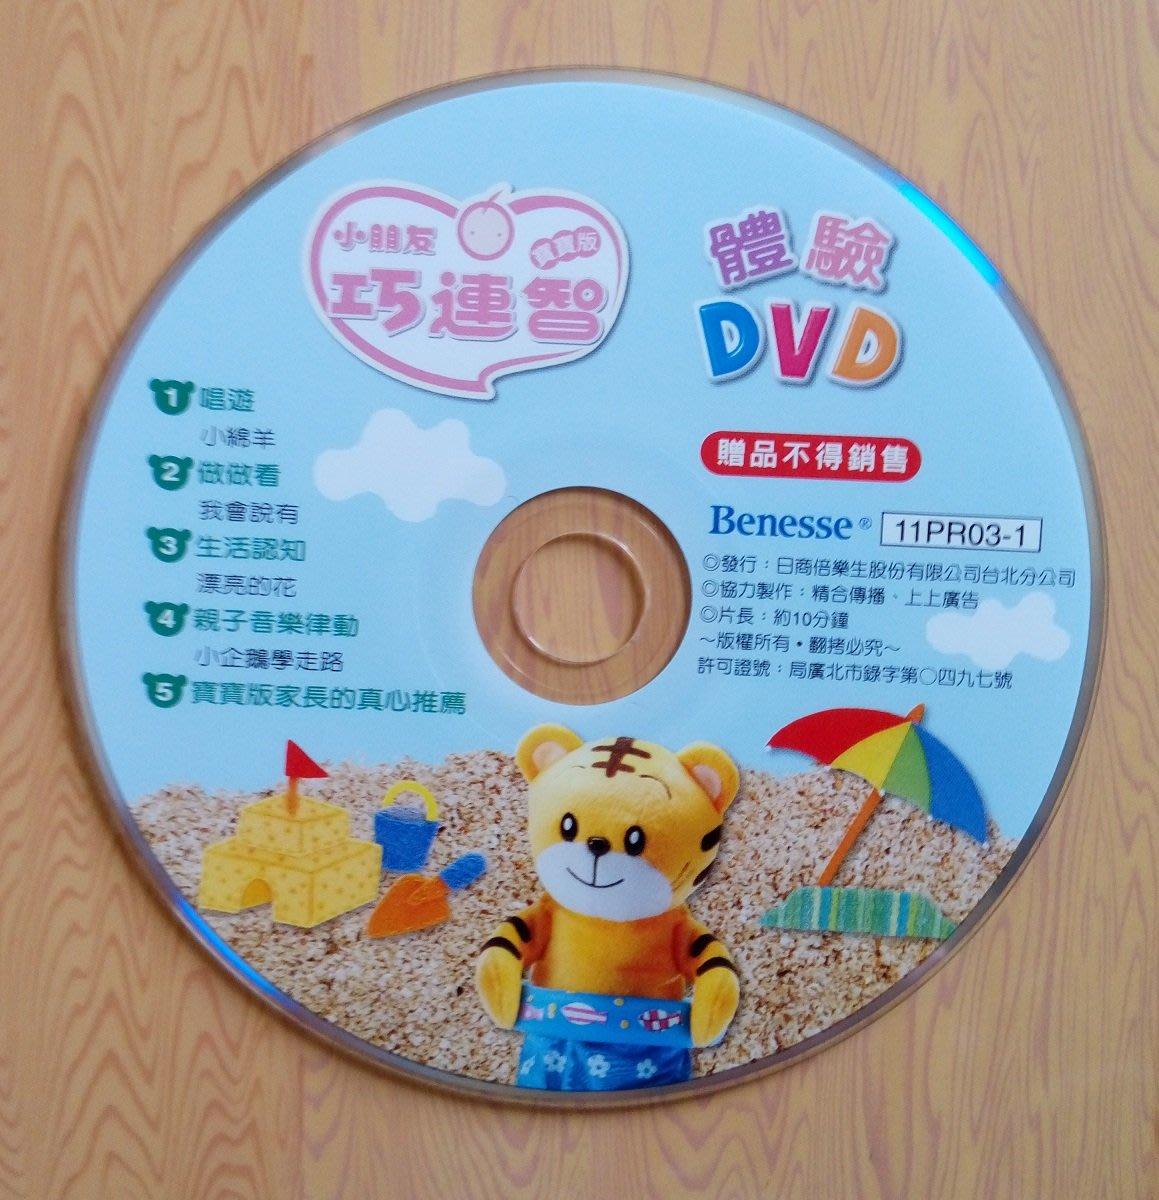 寶寶版 小朋友 巧連智 體驗DVD